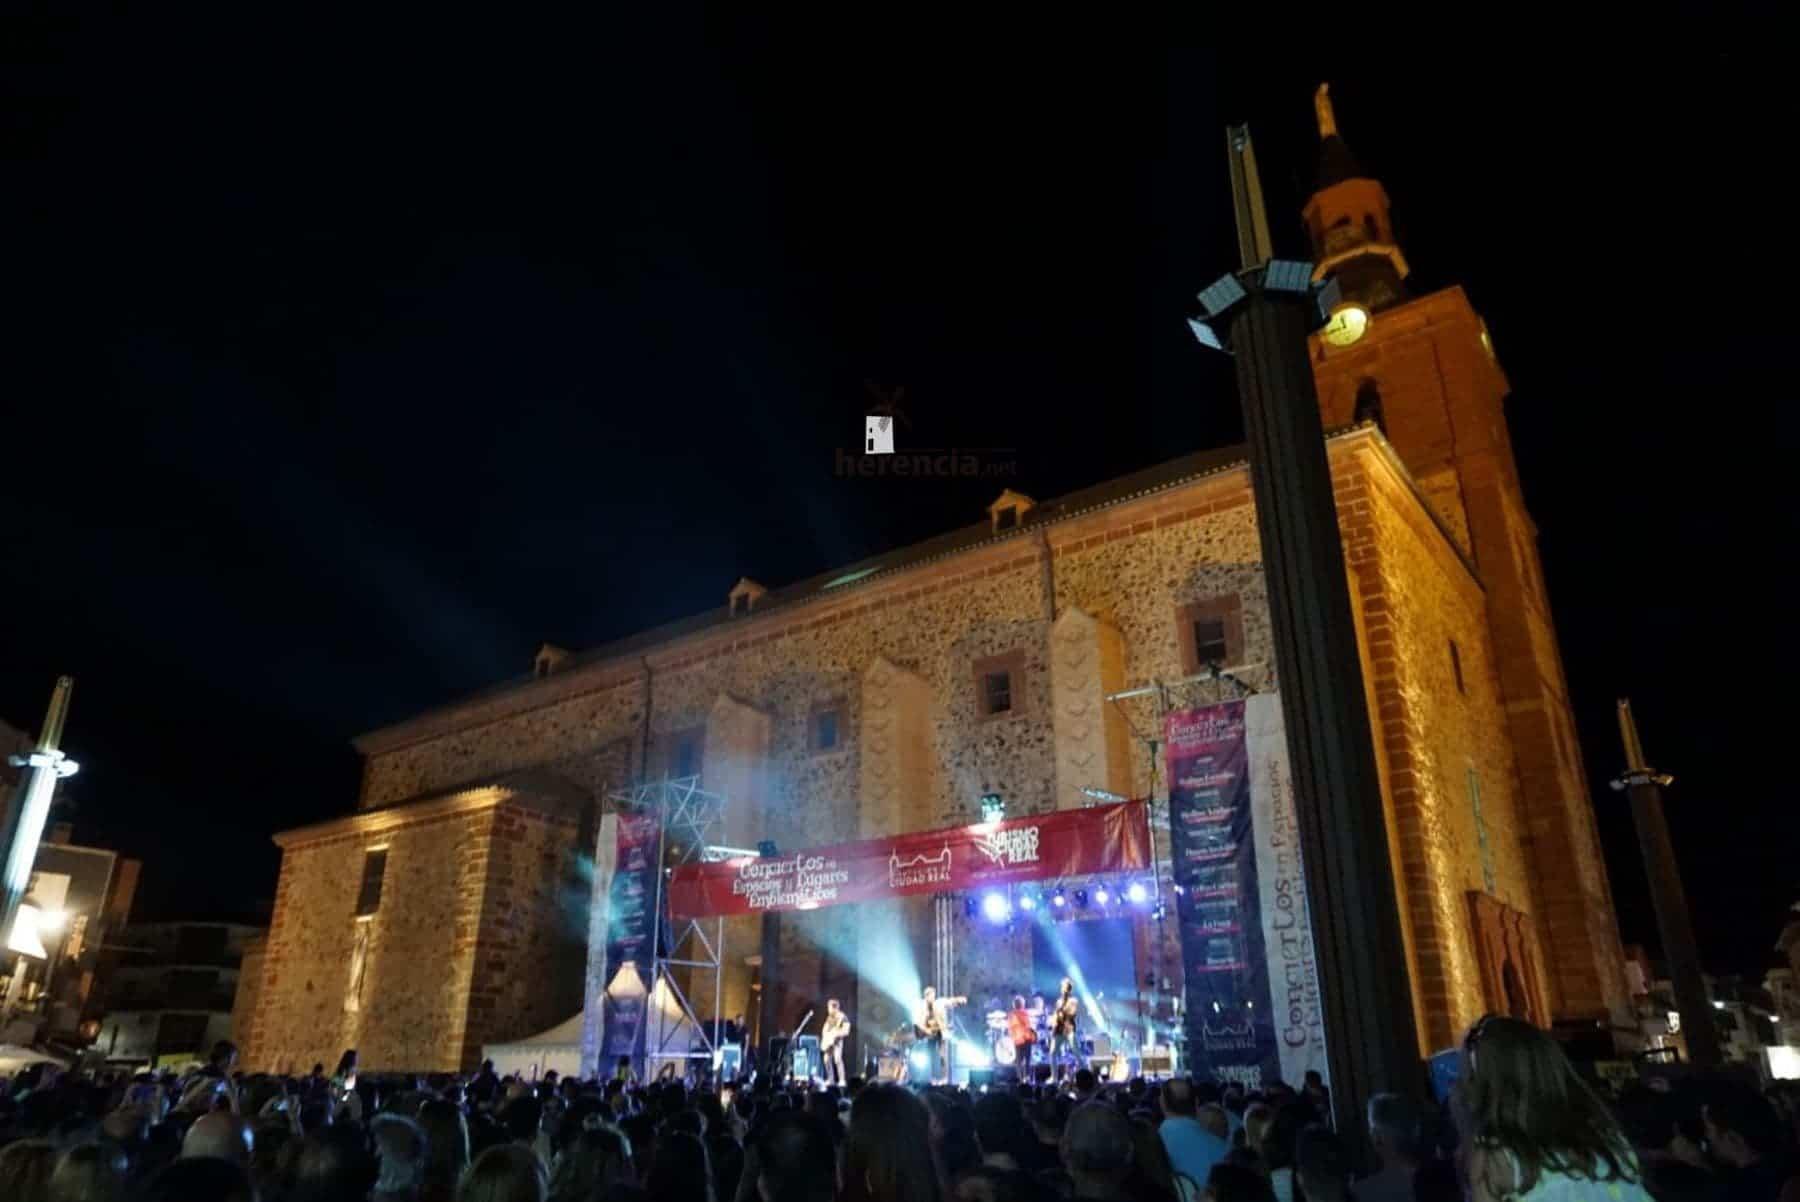 Cientos de jóvenes acuden al concierto de DVICIO en Herencia 1